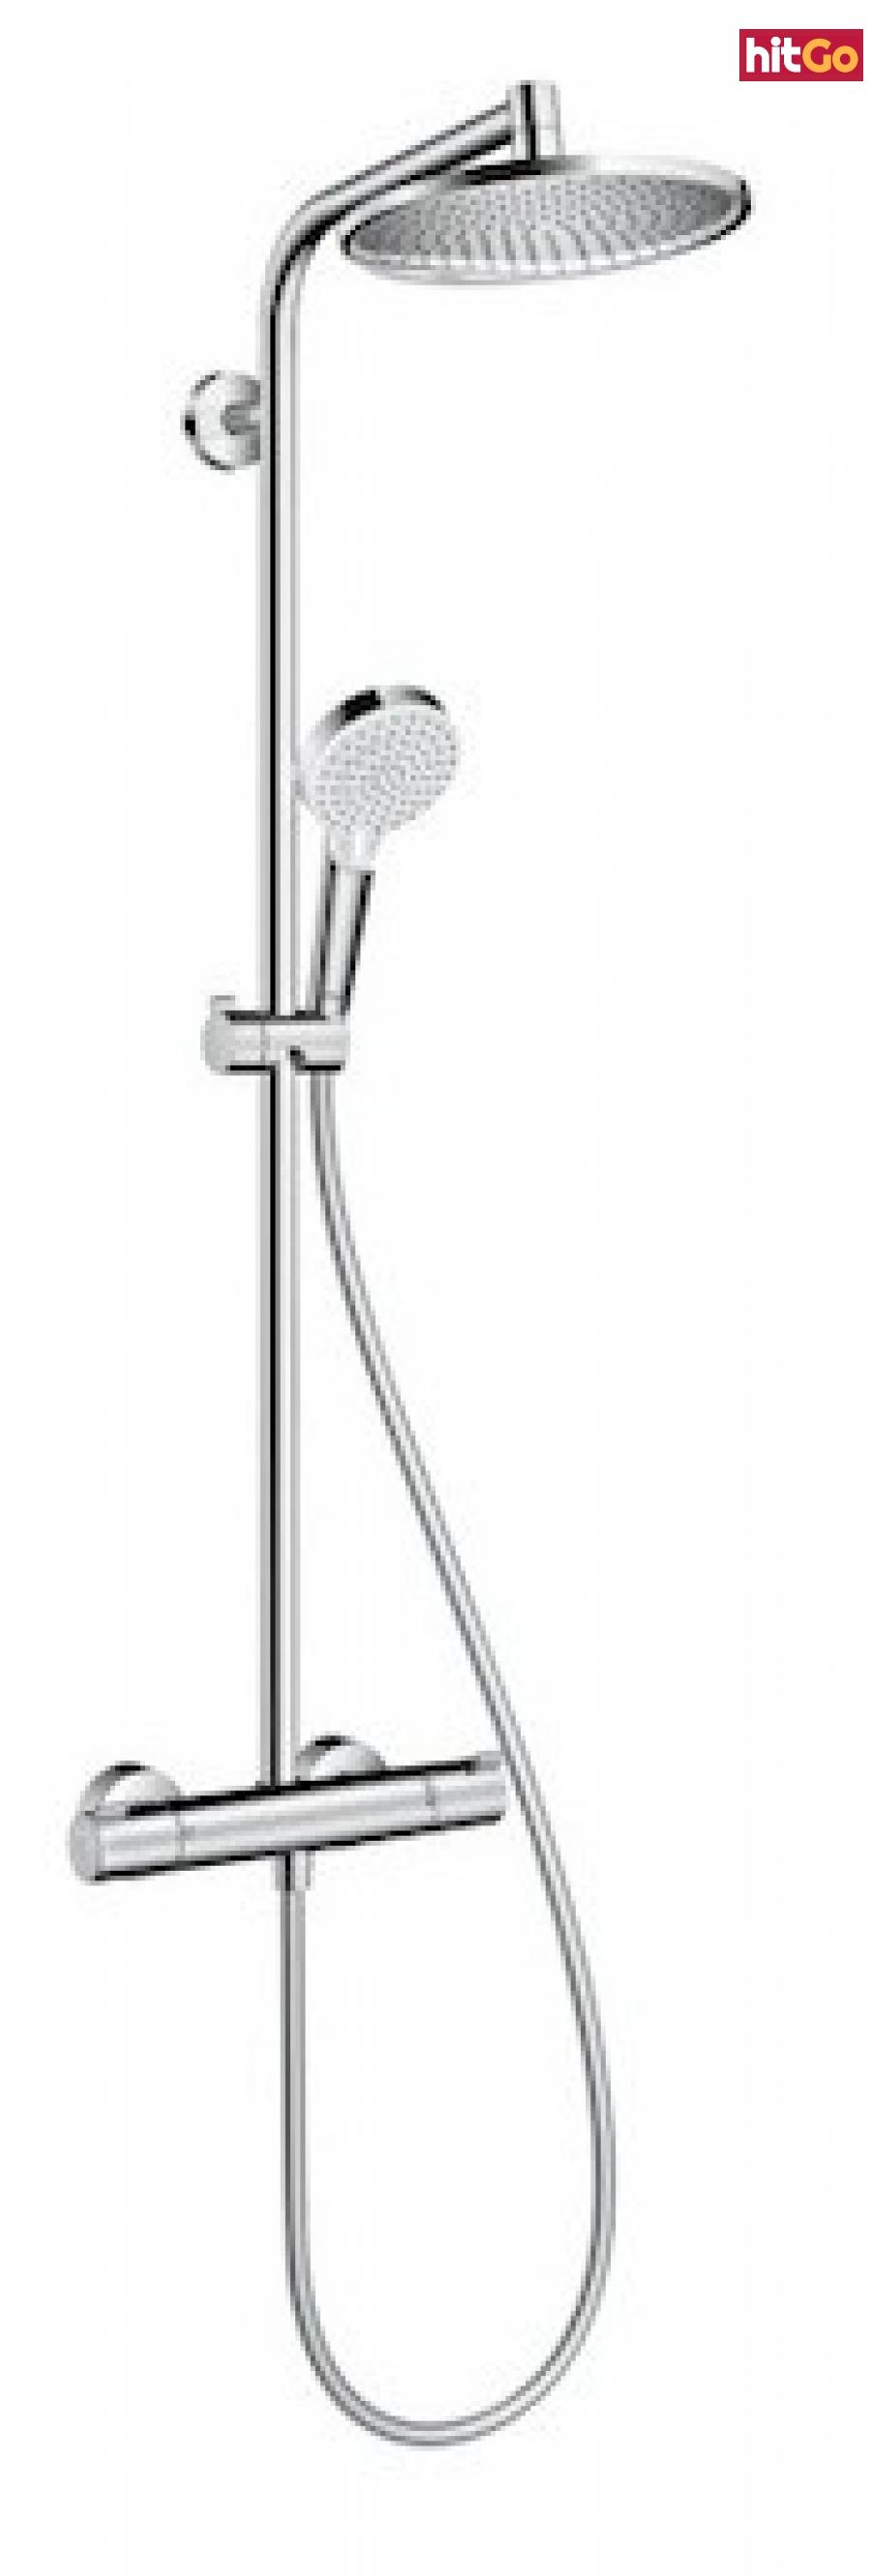 Sprchový systém Hansgrohe Crometta S na stěnu s termostatickou baterií chrom 27267000 chrom chrom